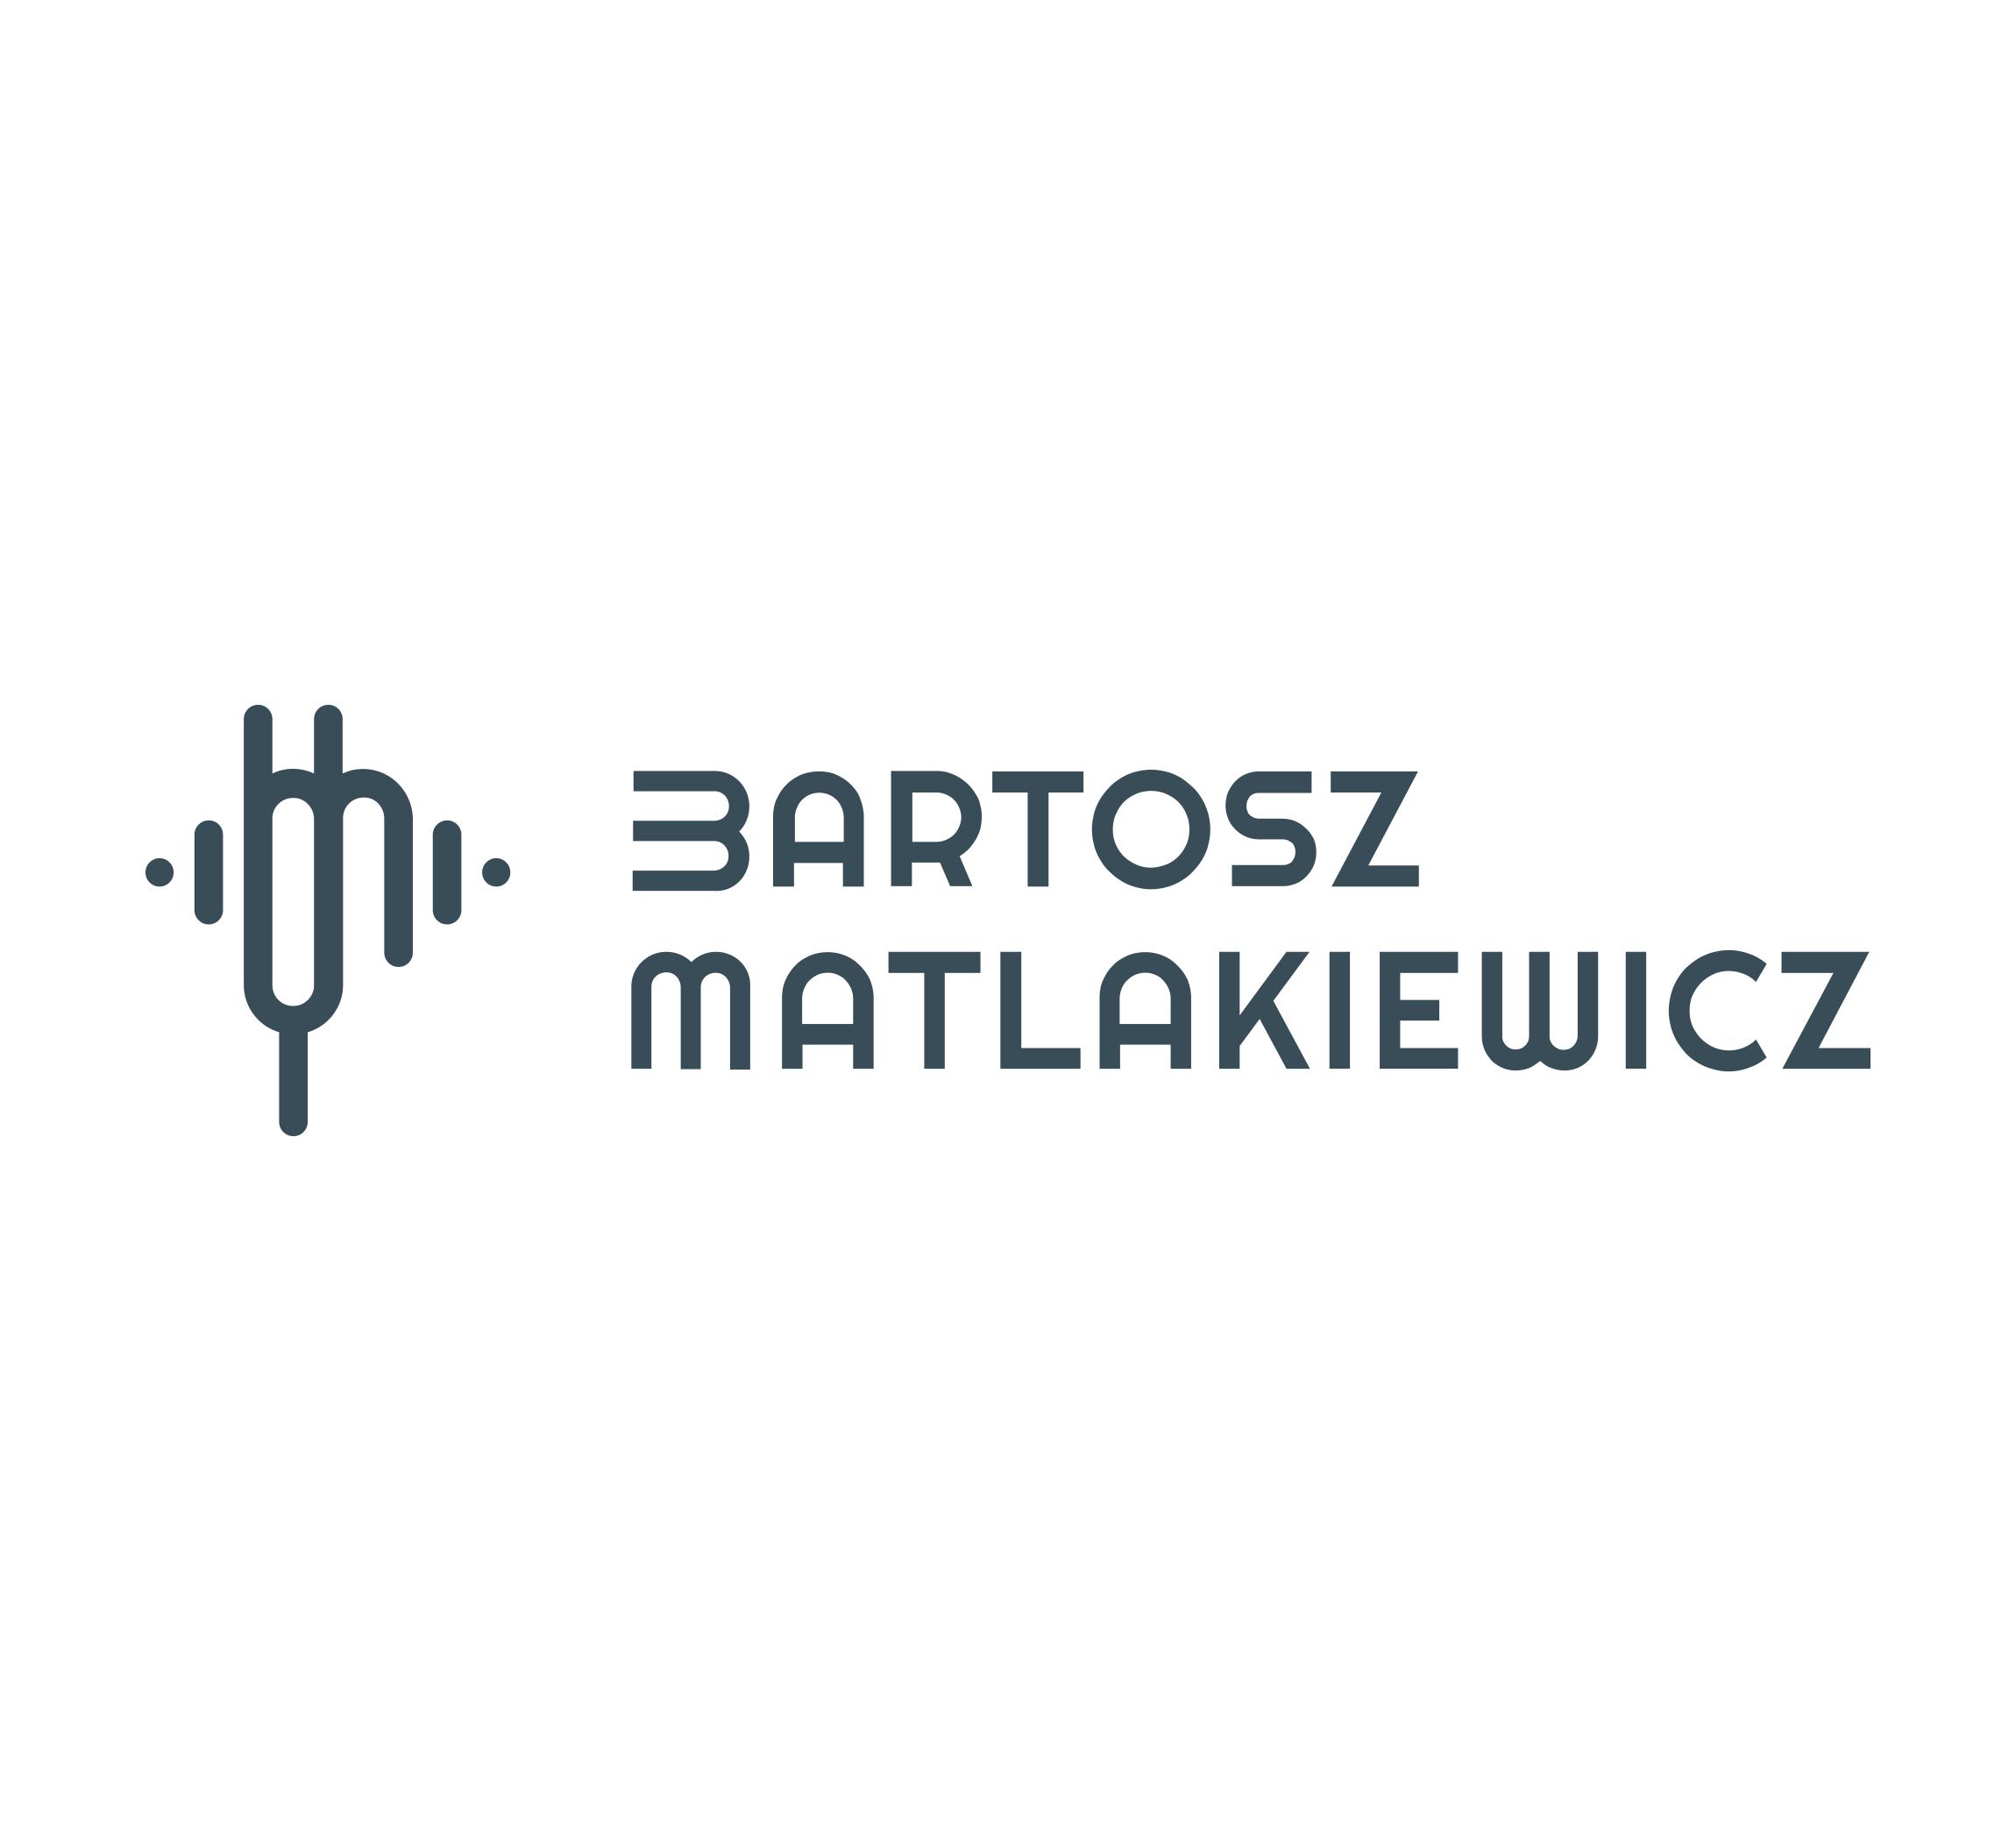 Bartosz Matalkiewicz, gabinet terapeutyczny  —  projekt logo